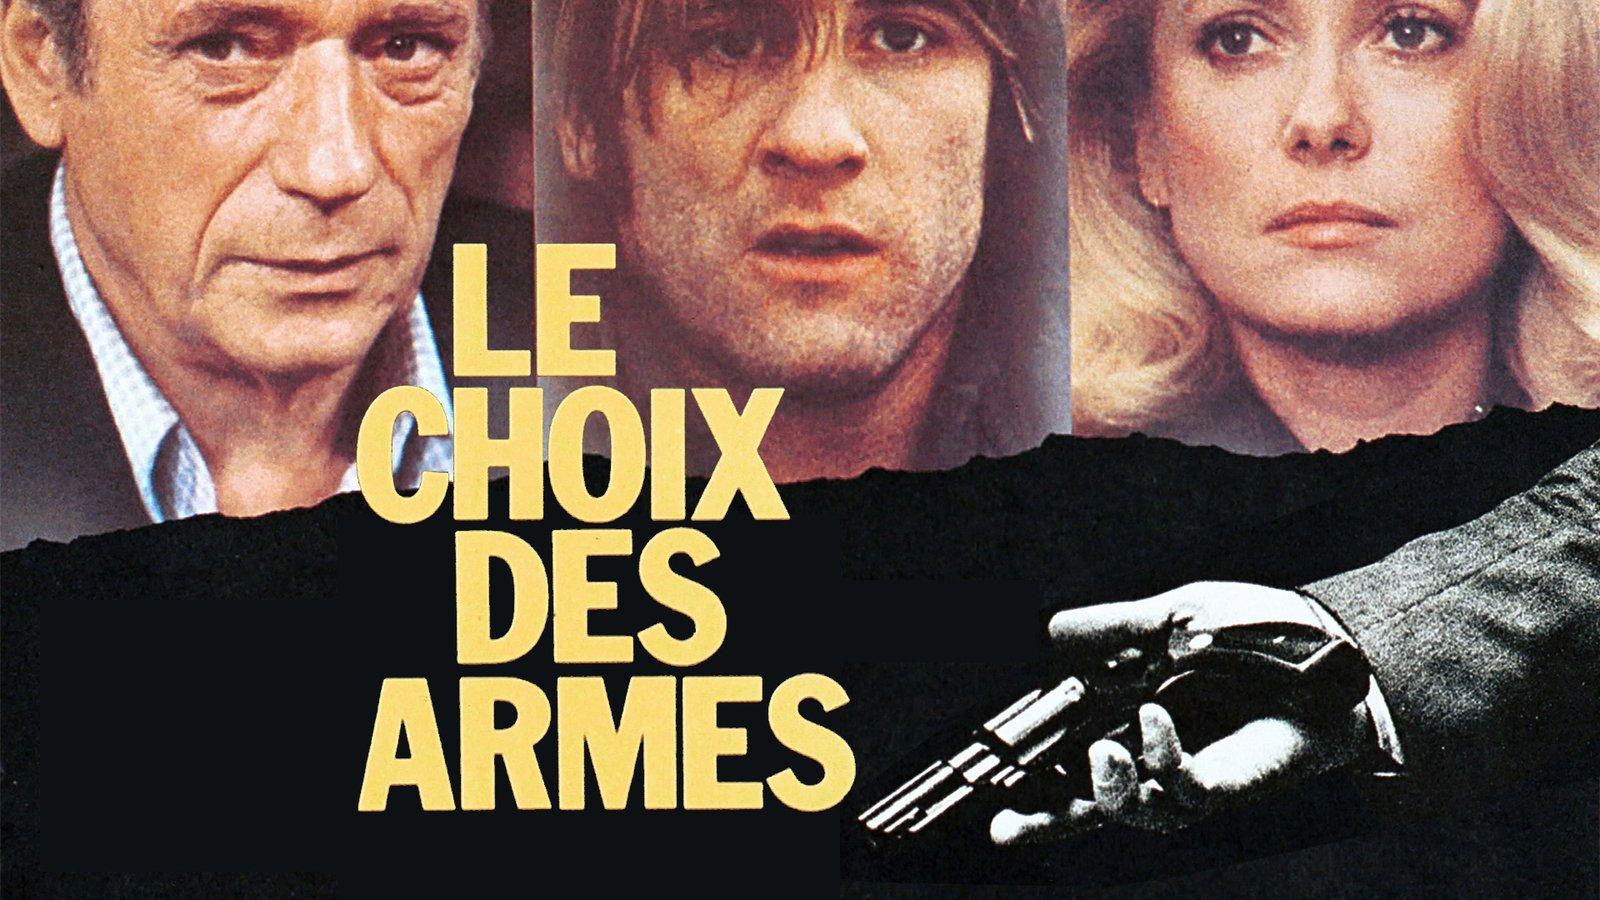 Choice of Arms - Choix des armes